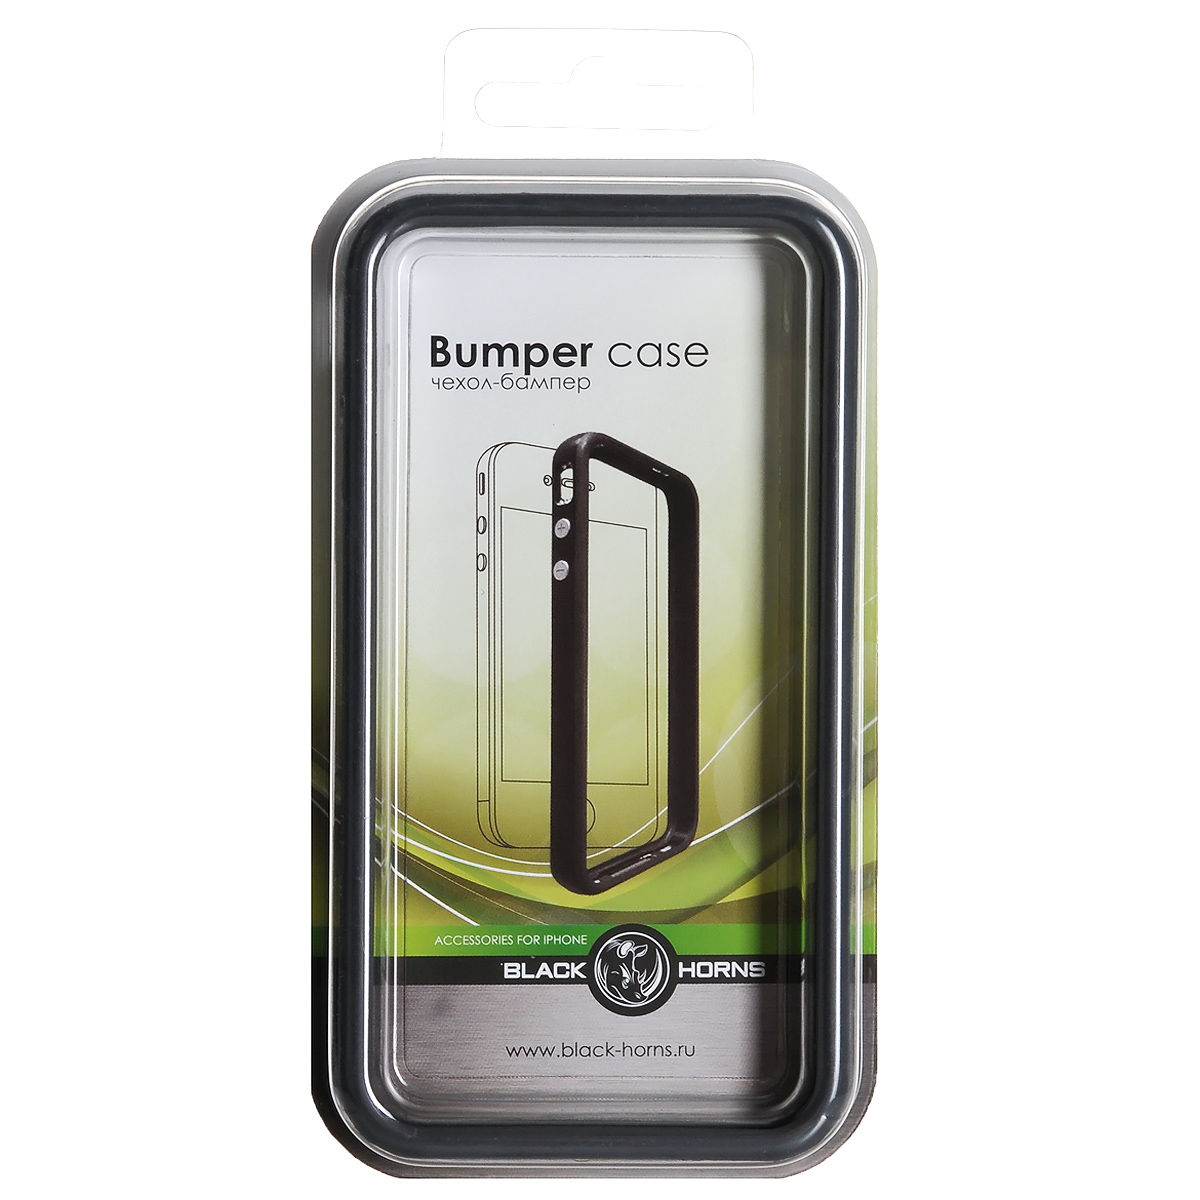 Black Horns чехол-бампер для iPhone 4/4S (BH-iP4202)BH-iP4202(R)Чехол-бампер Black Horns для iPhone 4/4S изготовлен из мягкого полимерного материала. Такой чехол поможет защитить ваш iPhone от сколов и царапин. Легко снимается и надевается, не скользит в руках, обеспечивает свободный доступ к функциональным кнопкам.